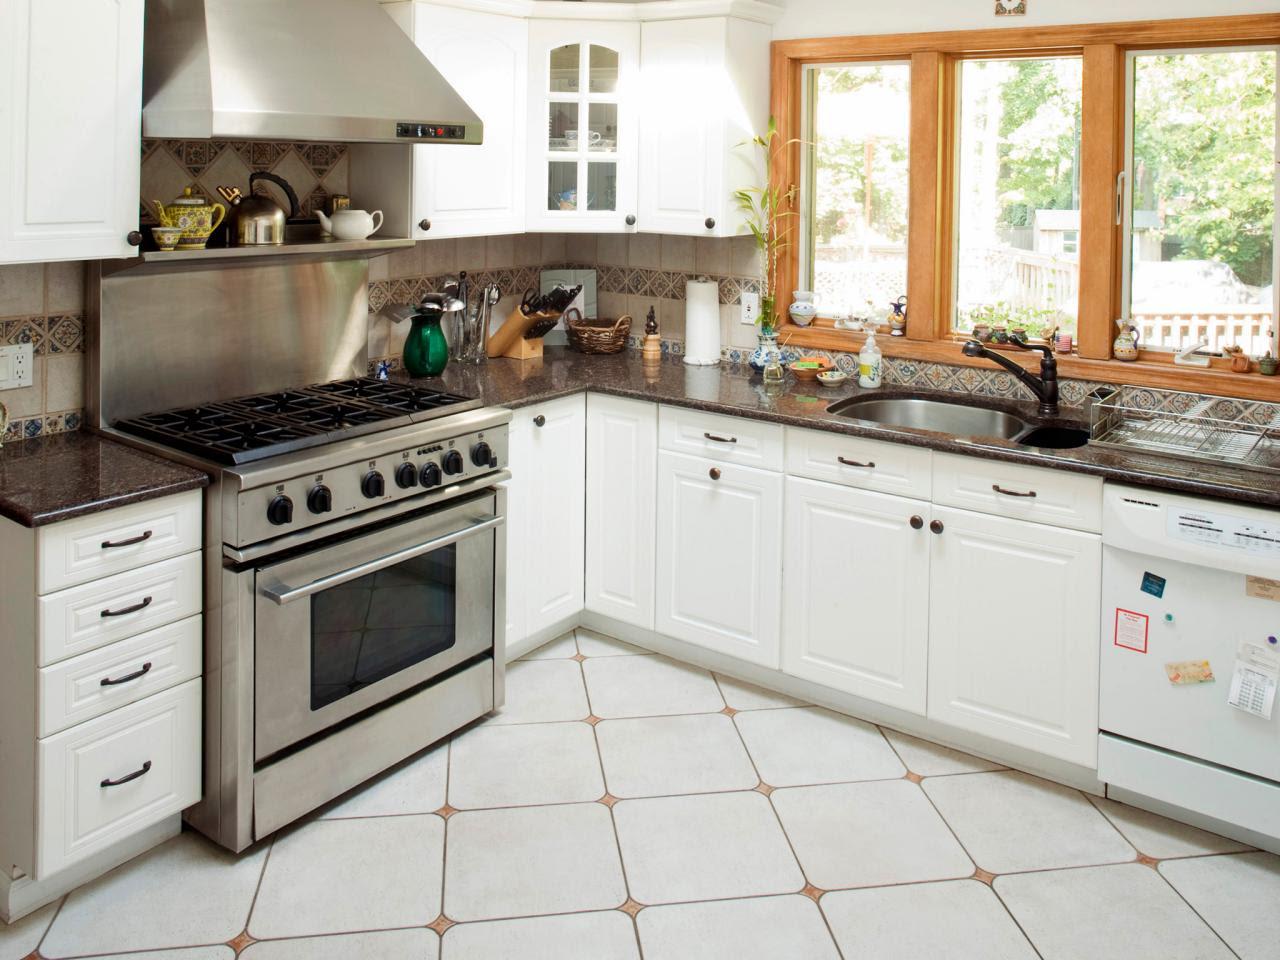 White Kitchens | HGTV